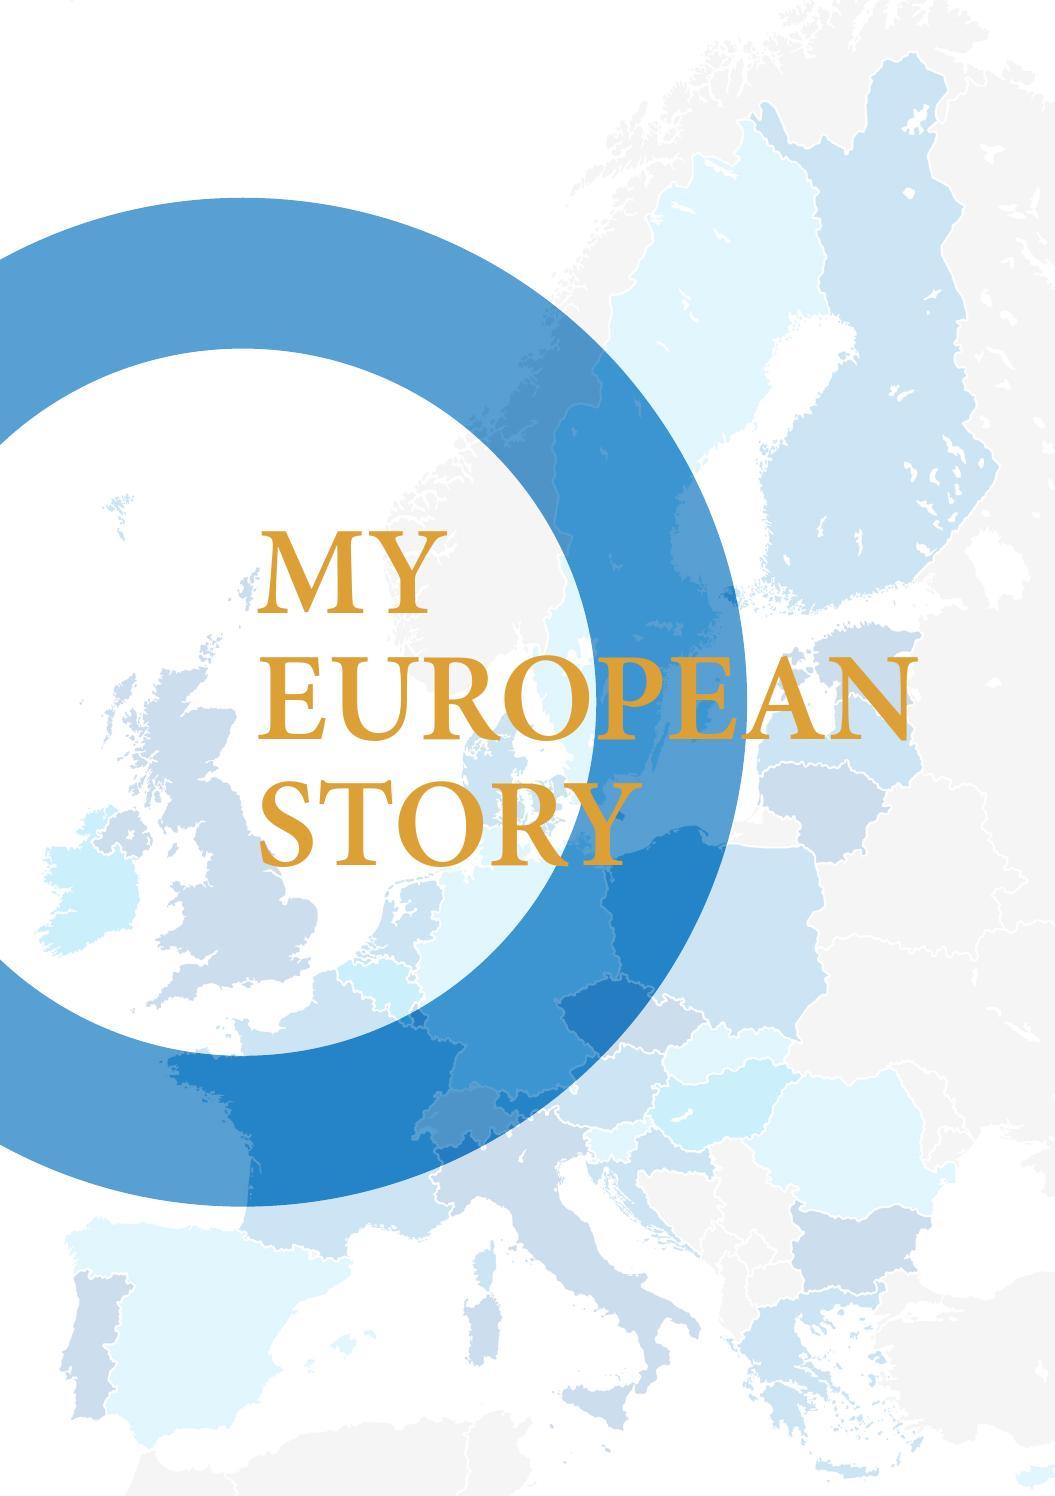 My European story by Socialna akademija.